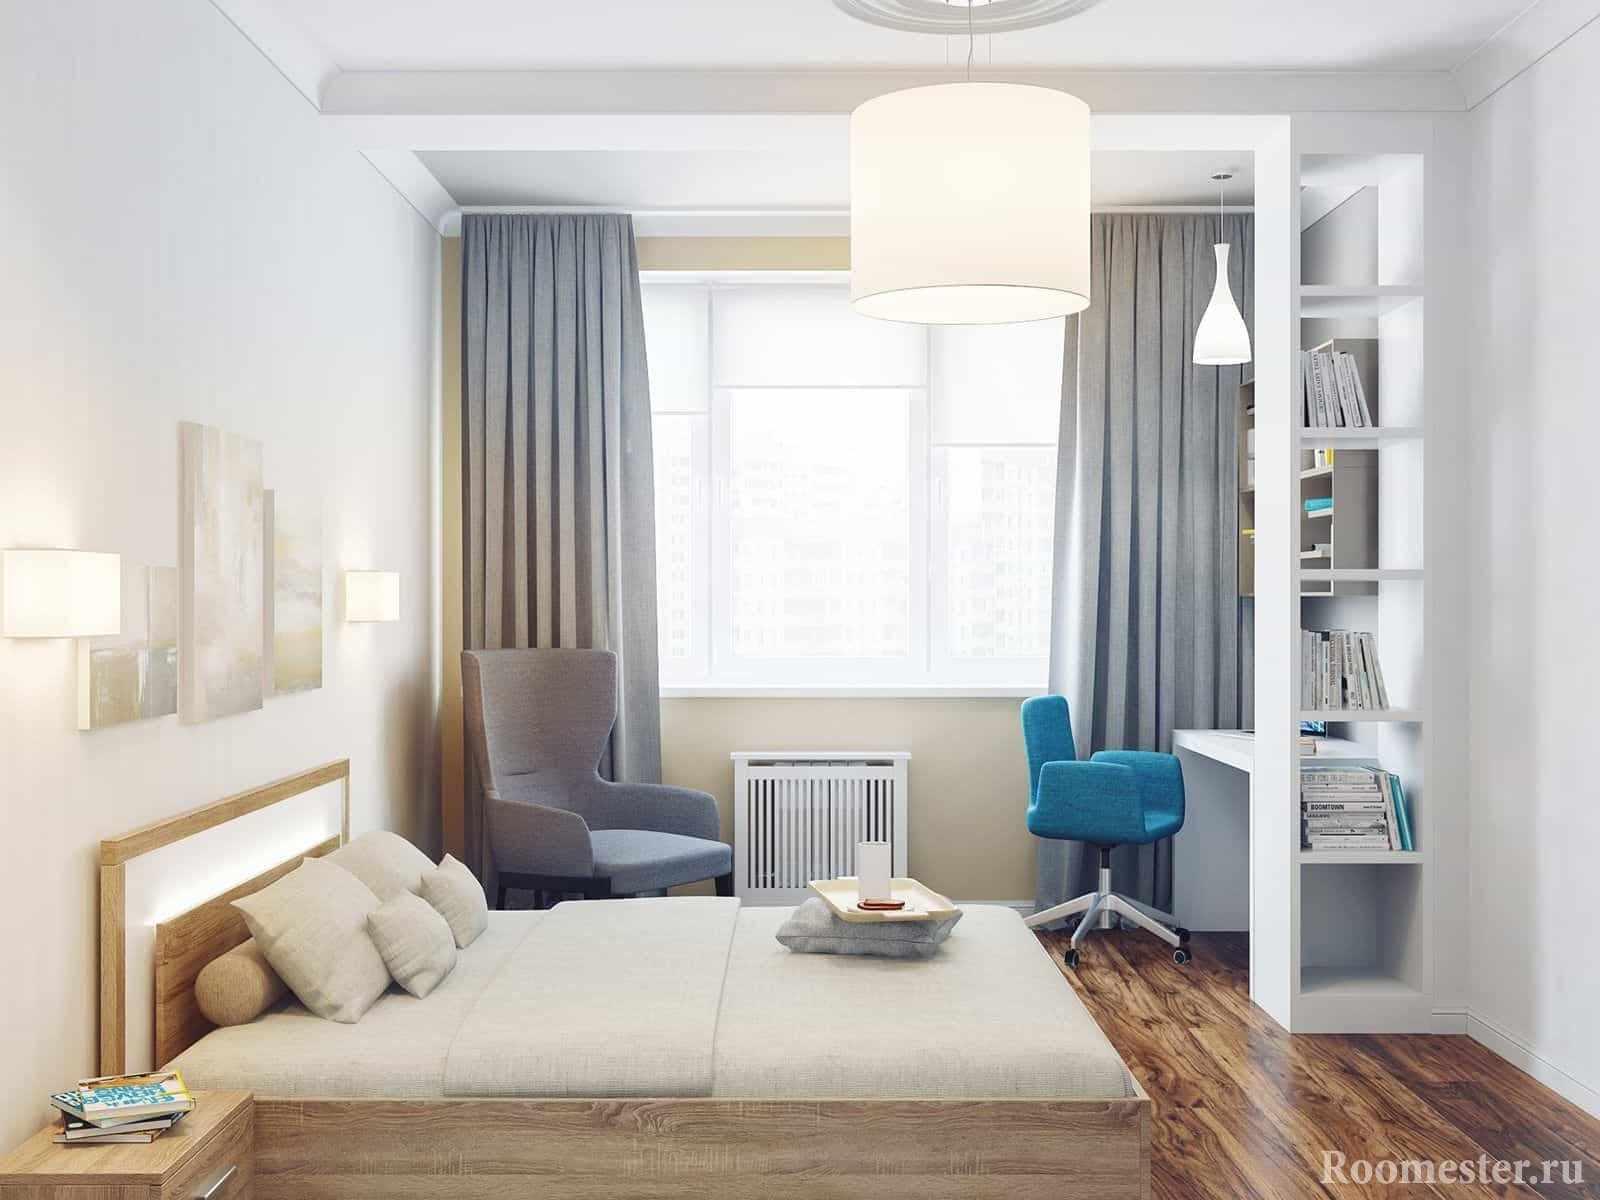 В спальне 4 на 4 может поместиться не только кровать, но и кресло и уголок с рабочим местом